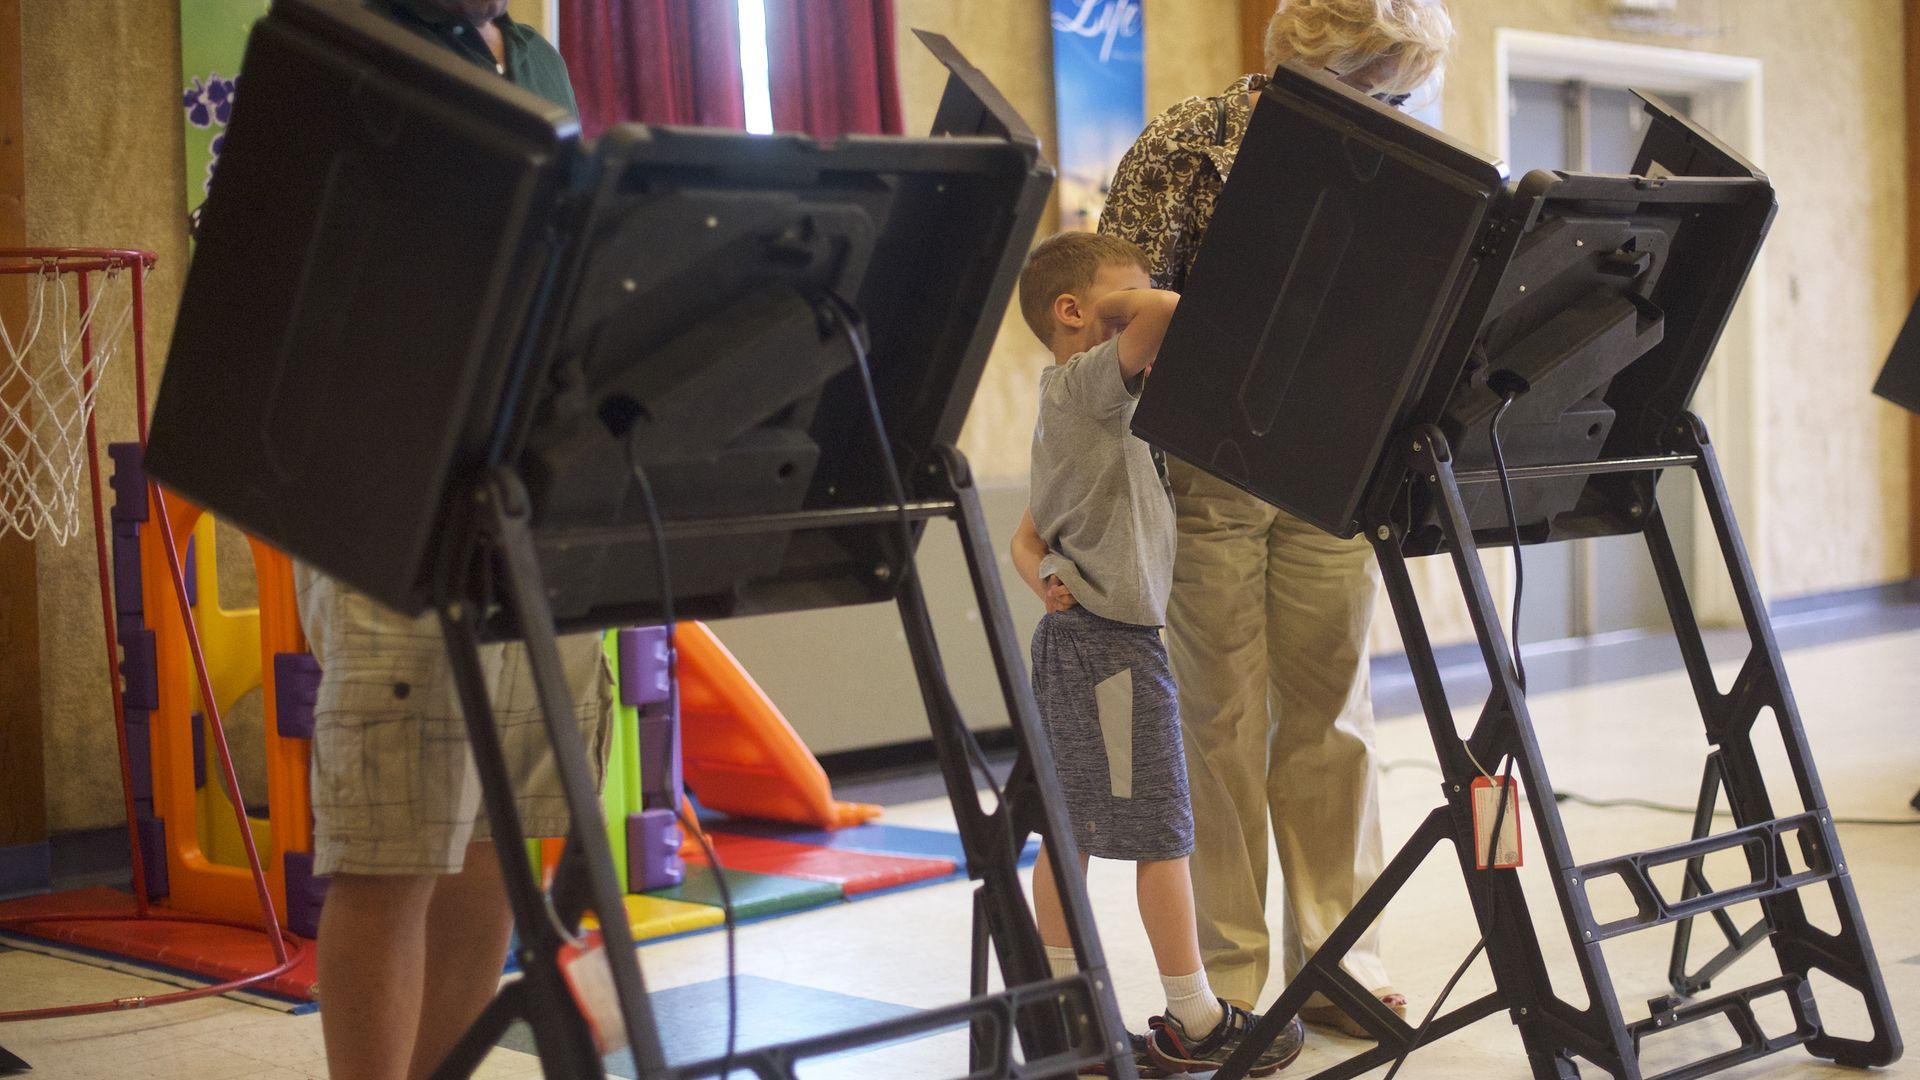 Pennsylvania voters